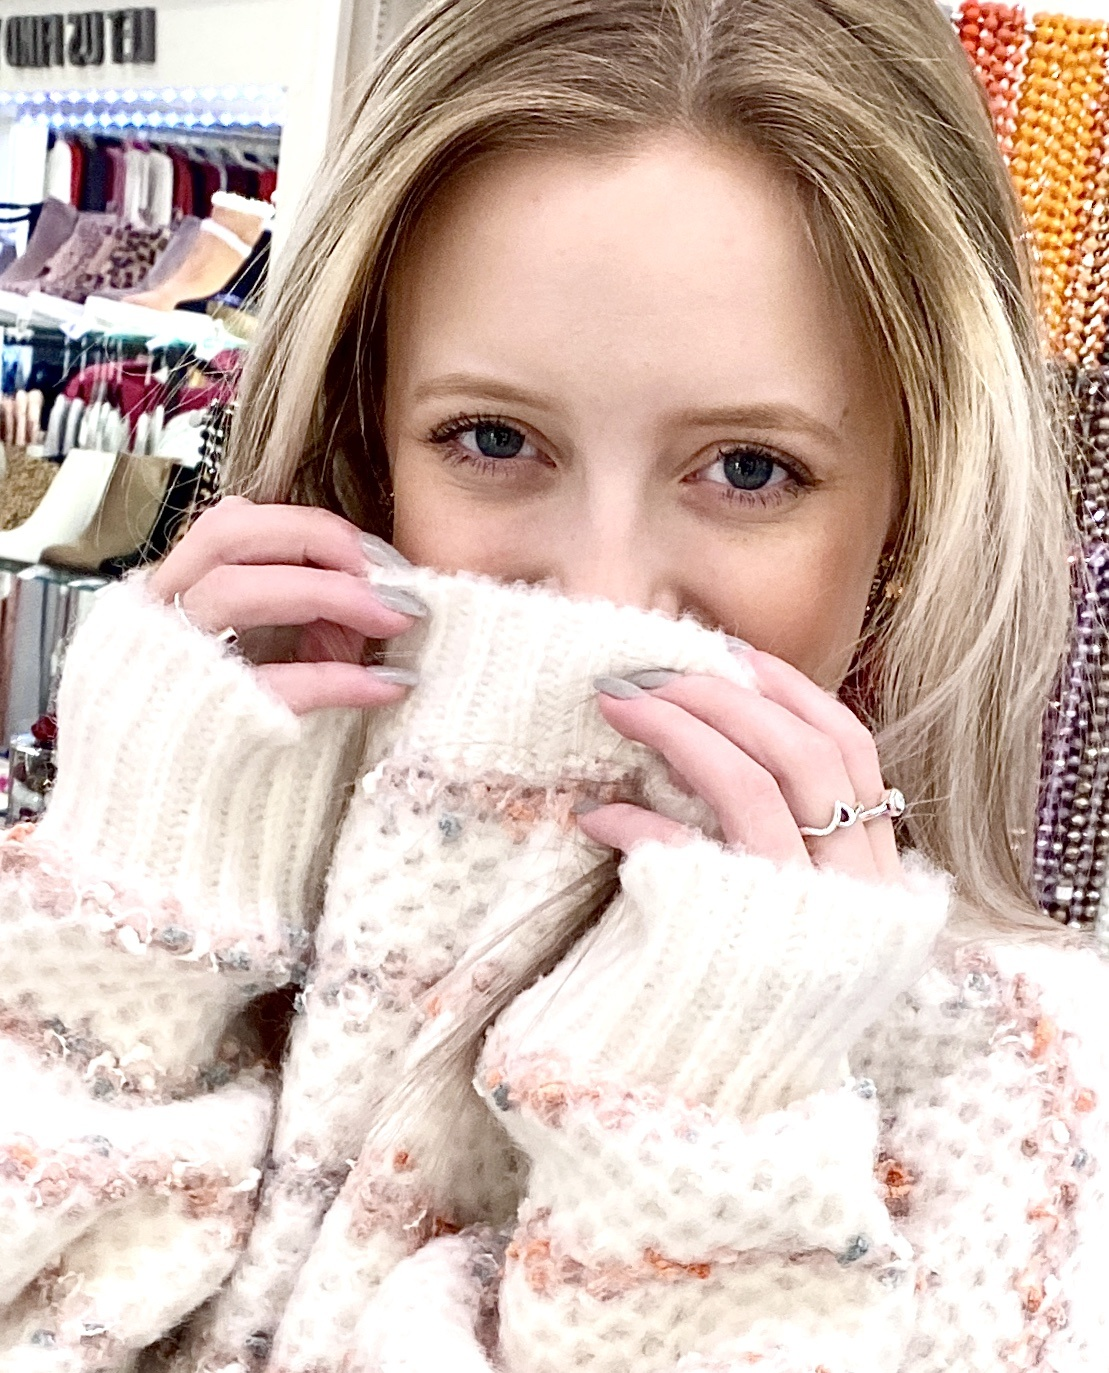 Off White Multi Striped Sweater